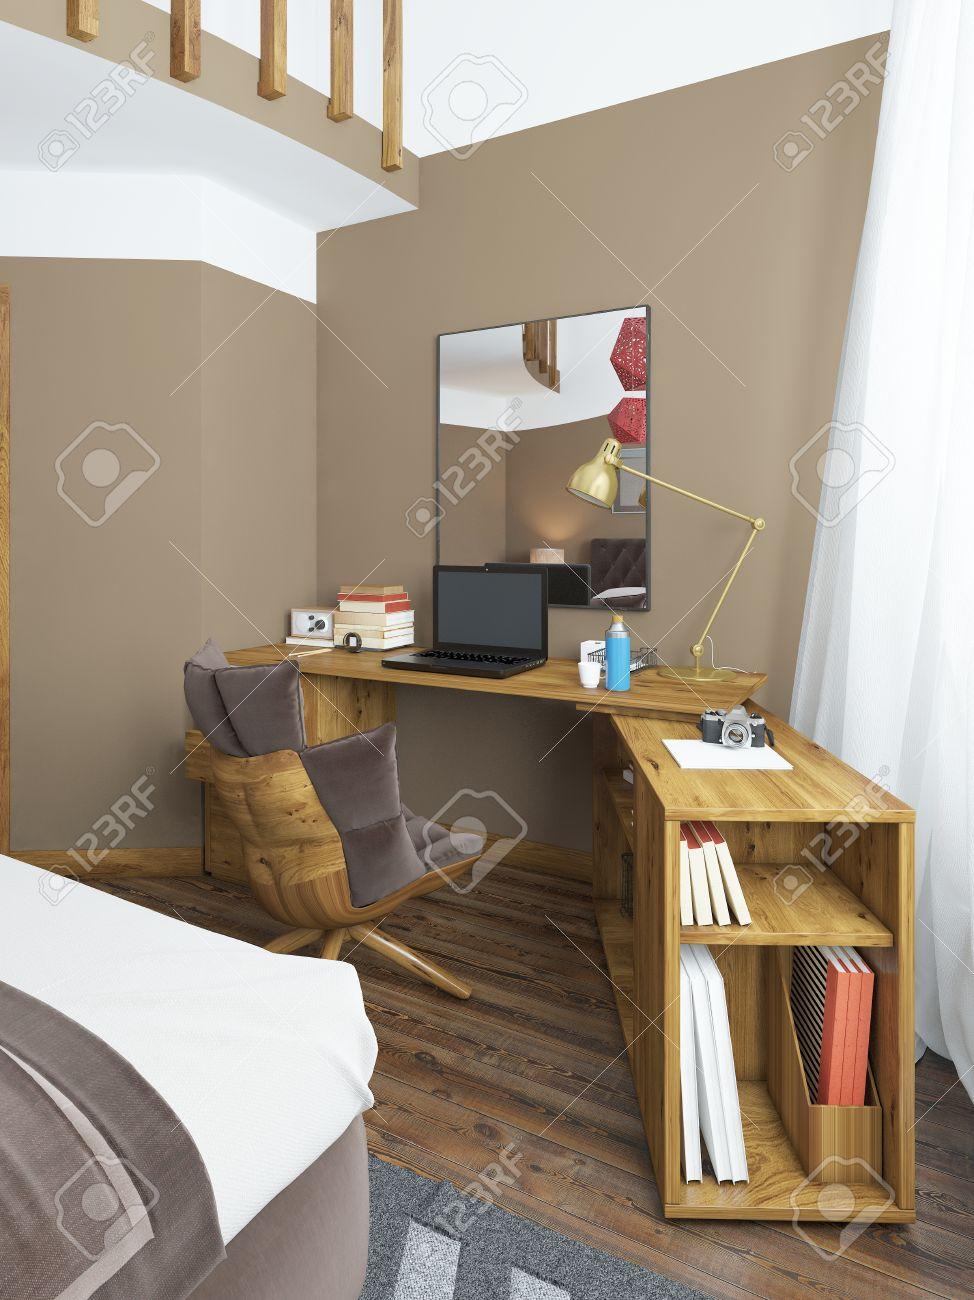 Full Size of Schreibtisch In Einem Schlafzimmer Esstisch Massivholz Günstige Schimmel Im Günstig Wandleuchte Mit überbau Komplett Guenstig Sessel Set Matratze Und Schlafzimmer Schlafzimmer Massivholz